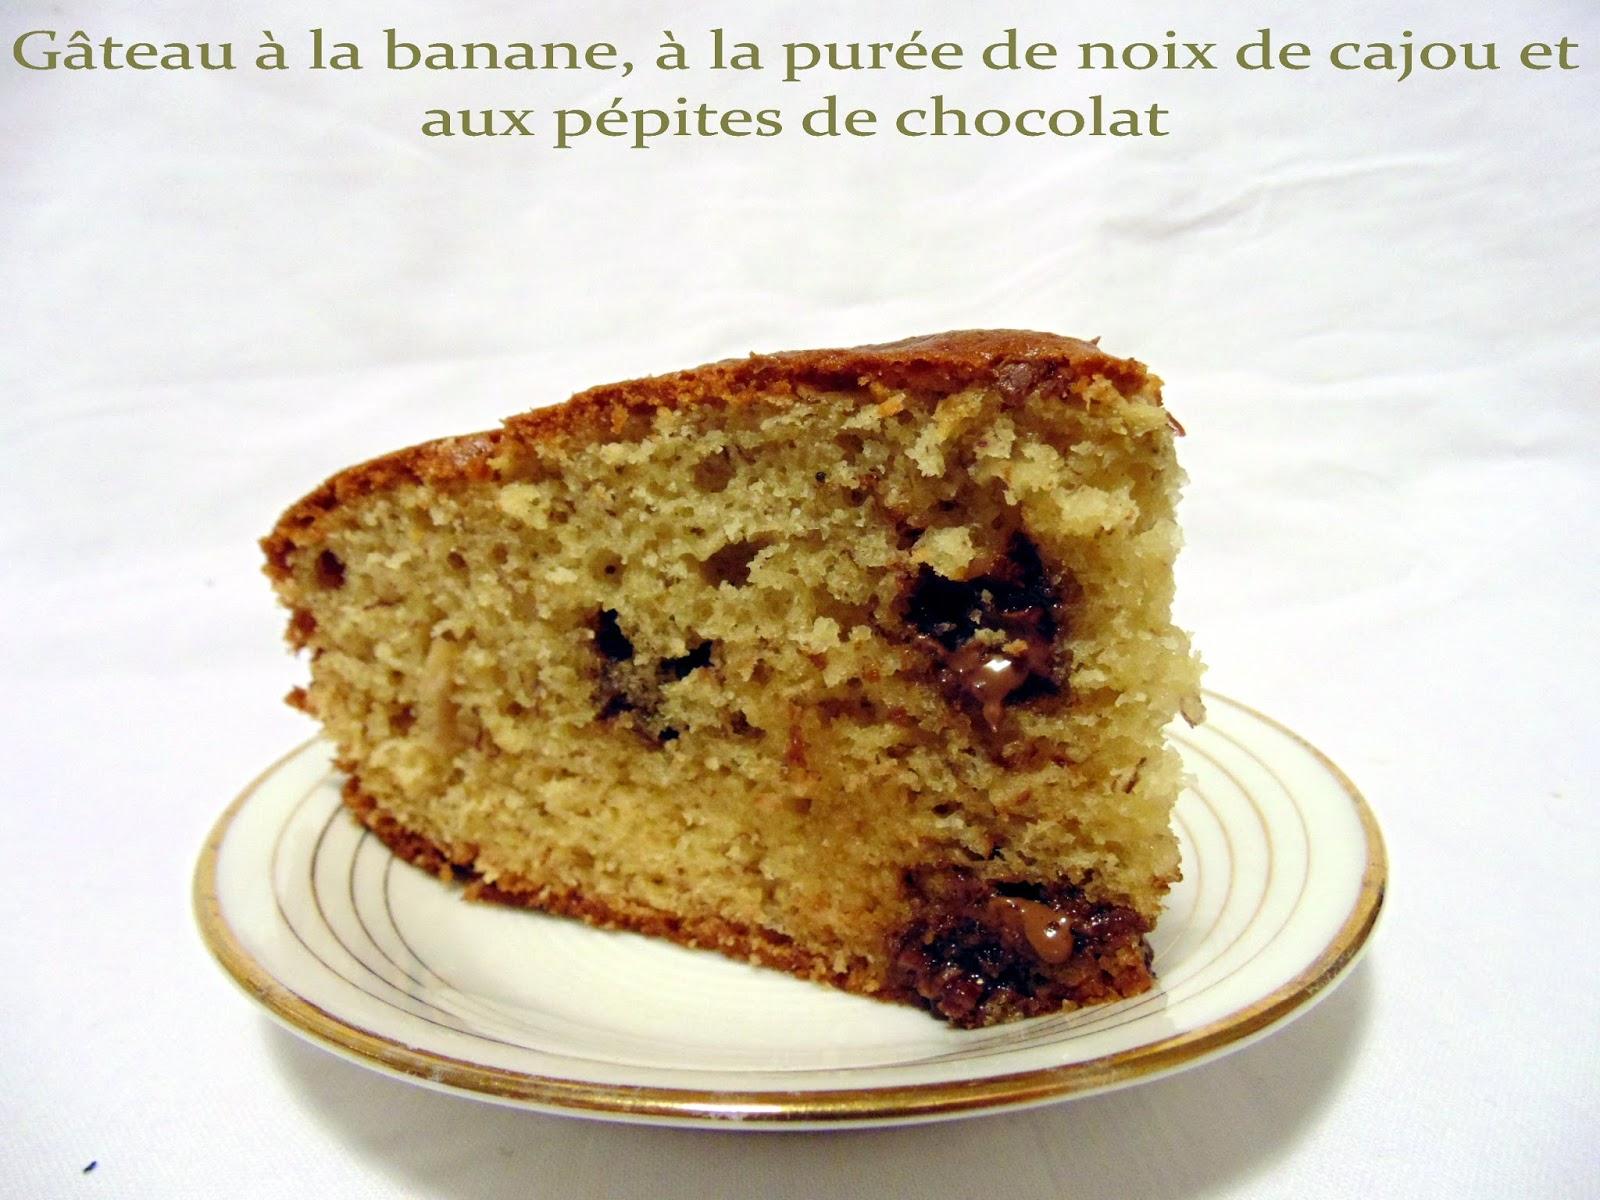 gateau gaga love cakes g teau la banane la pur e. Black Bedroom Furniture Sets. Home Design Ideas